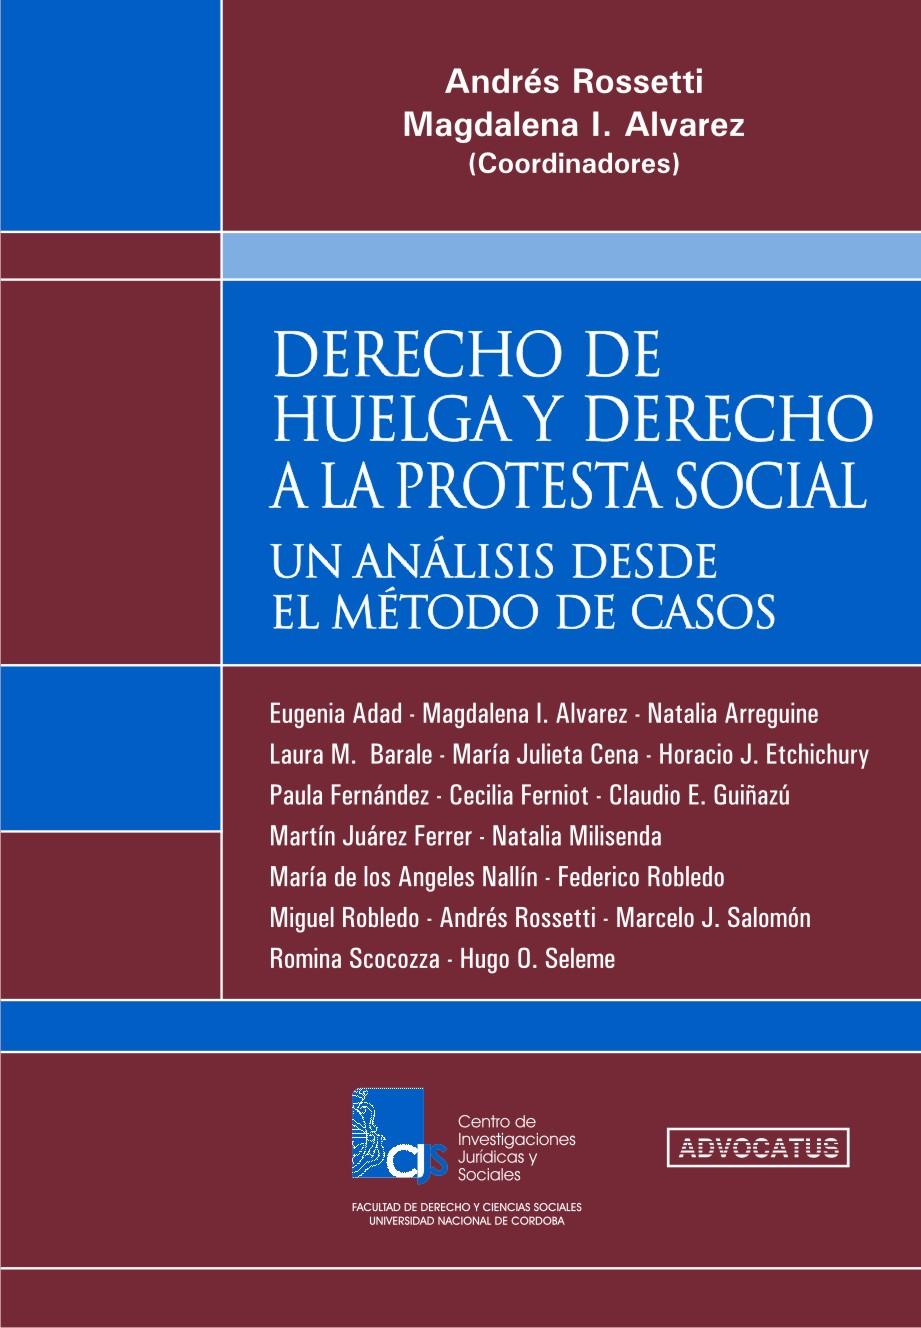 Derecho de Huelga y Derecho a la Protesta Social: Andrés Rossetti y ...